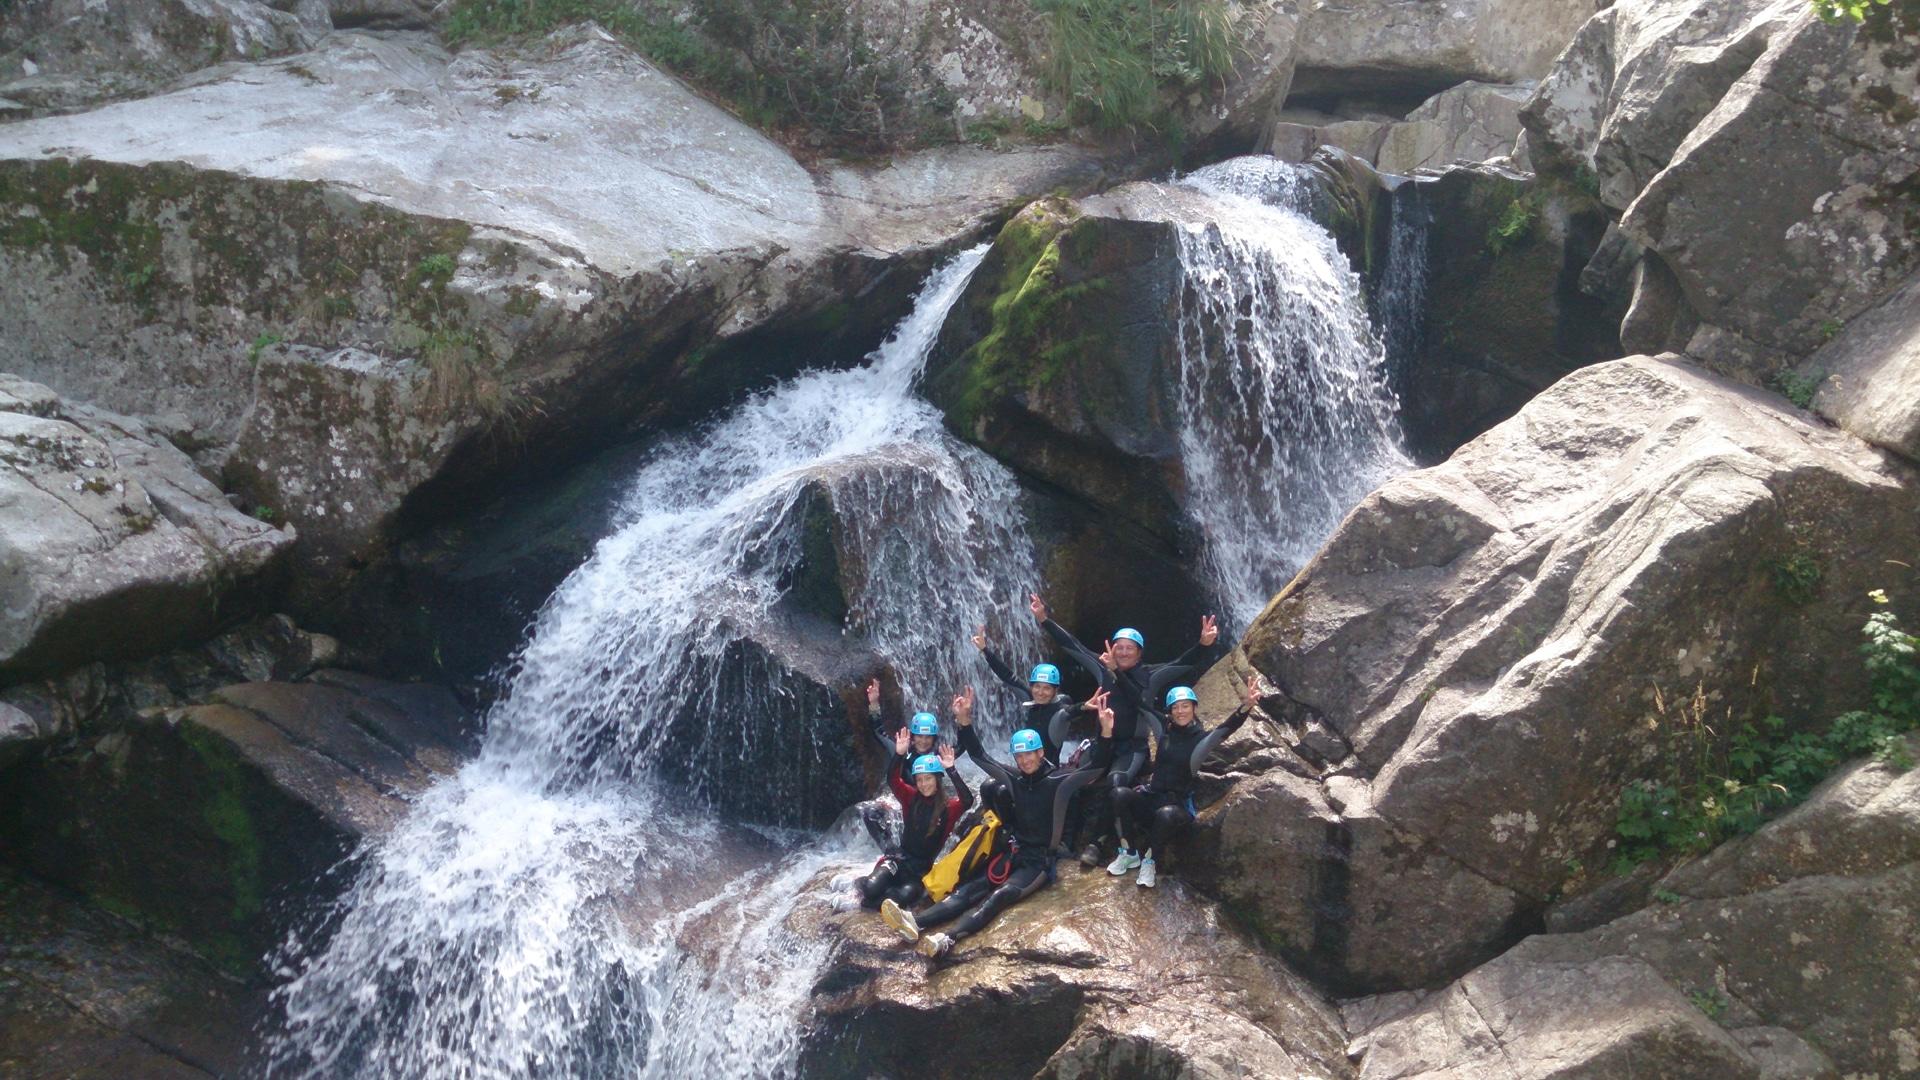 canyoning tayrac canyoning millau aveyron cévennes randonnée aquatique descente canyon